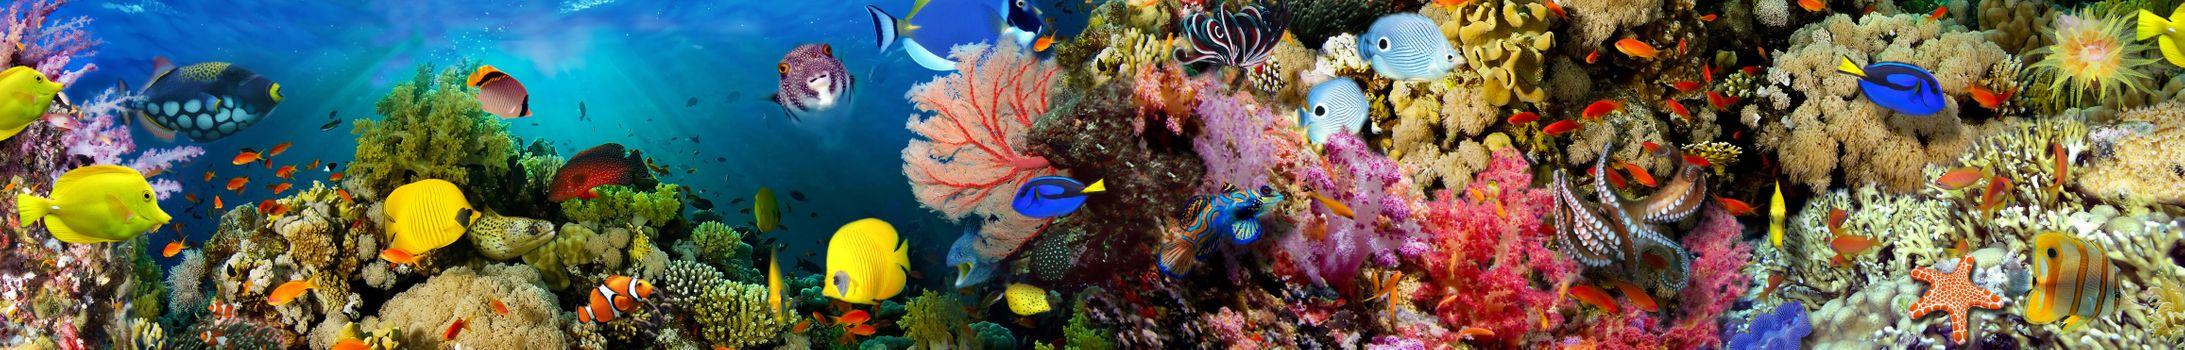 Бесплатные фото море,рифы,рыбы,морское дно,art,панорама